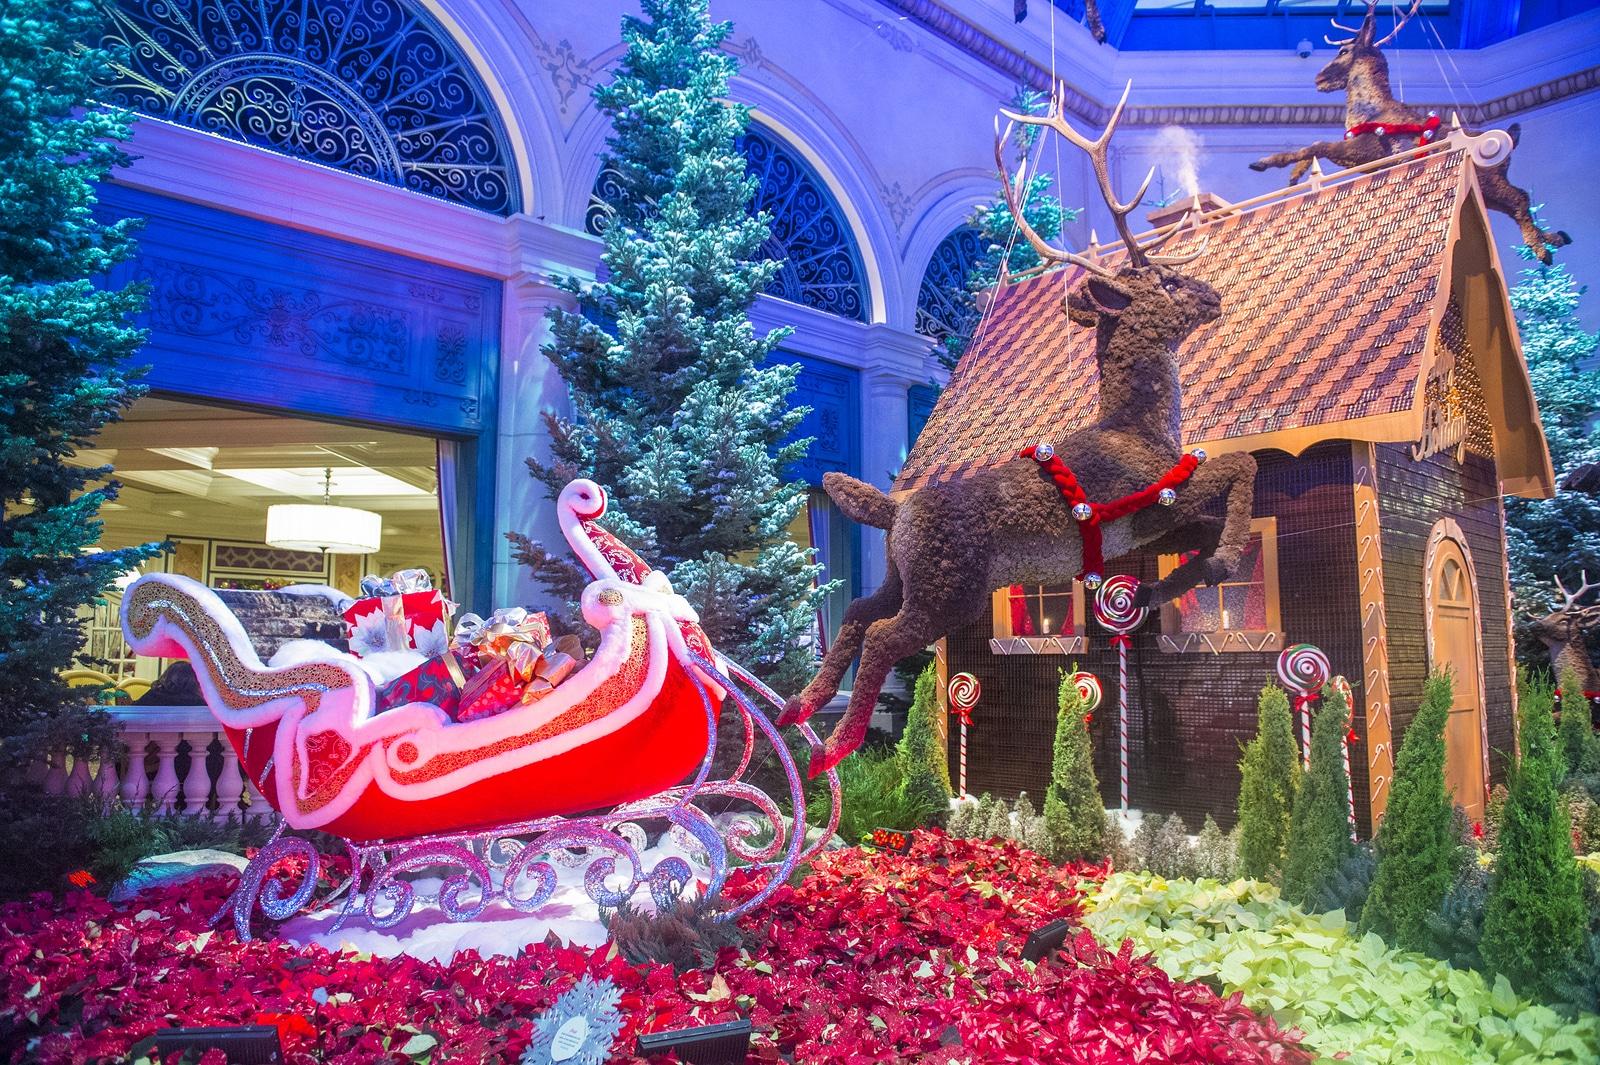 Las atracciones más emocionantes de Las Vegas compartidas por Starpoint Resort Group